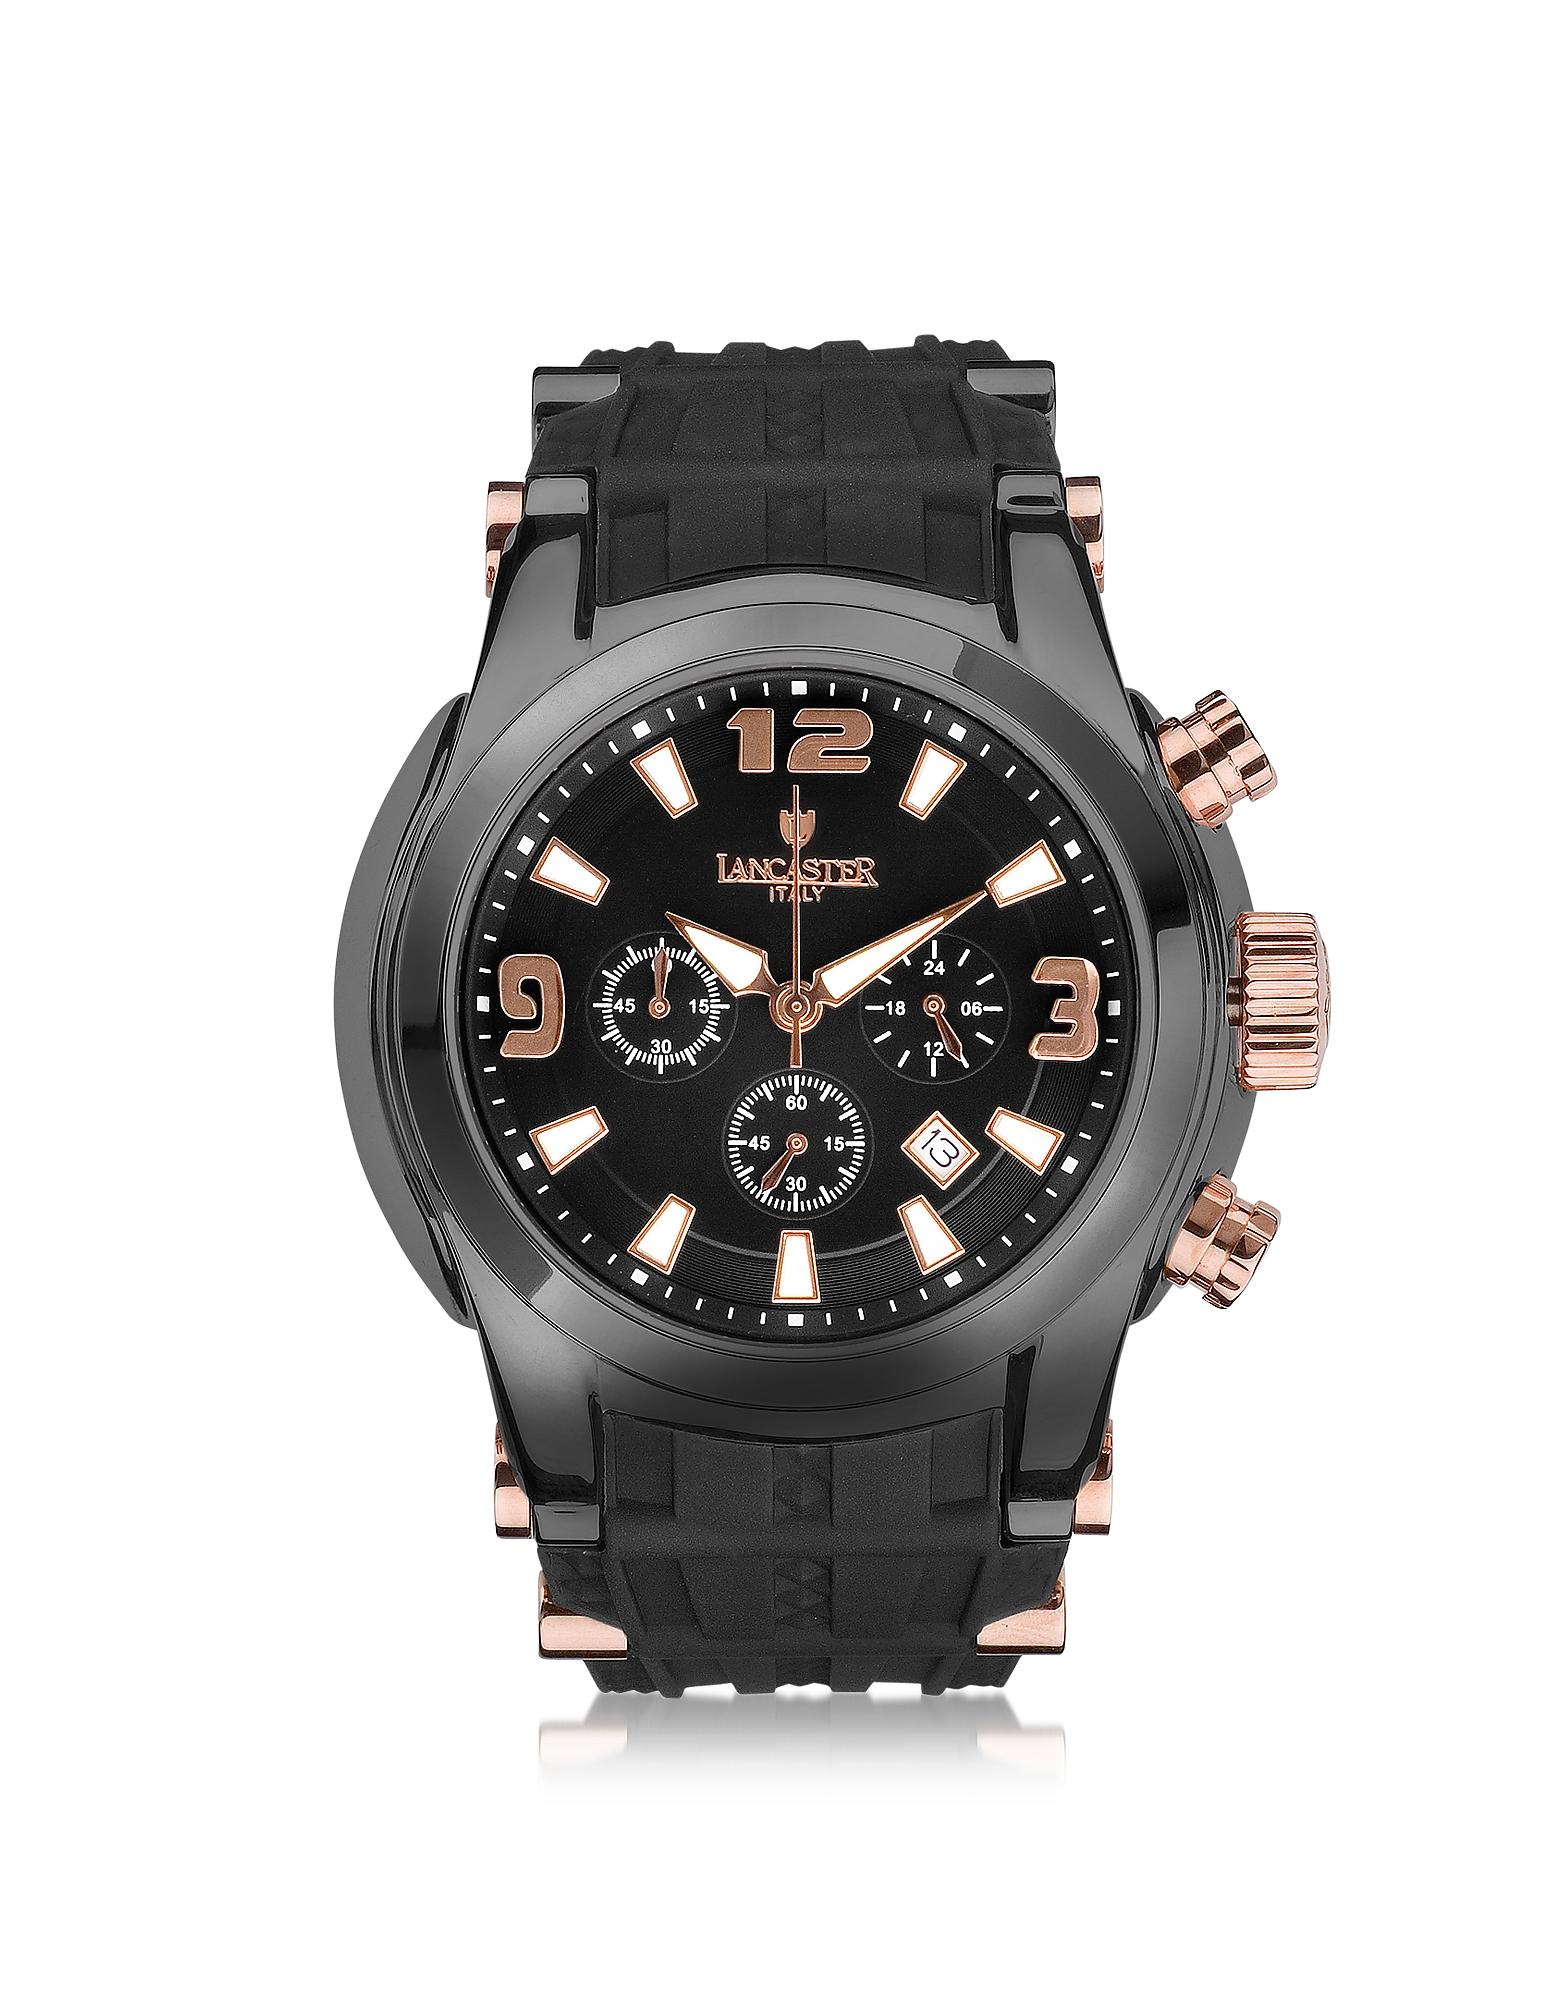 Lancaster Bongo - Мужские Часы Хронограф из Нержавеющей Стали с Черным Резиновым Ремешком